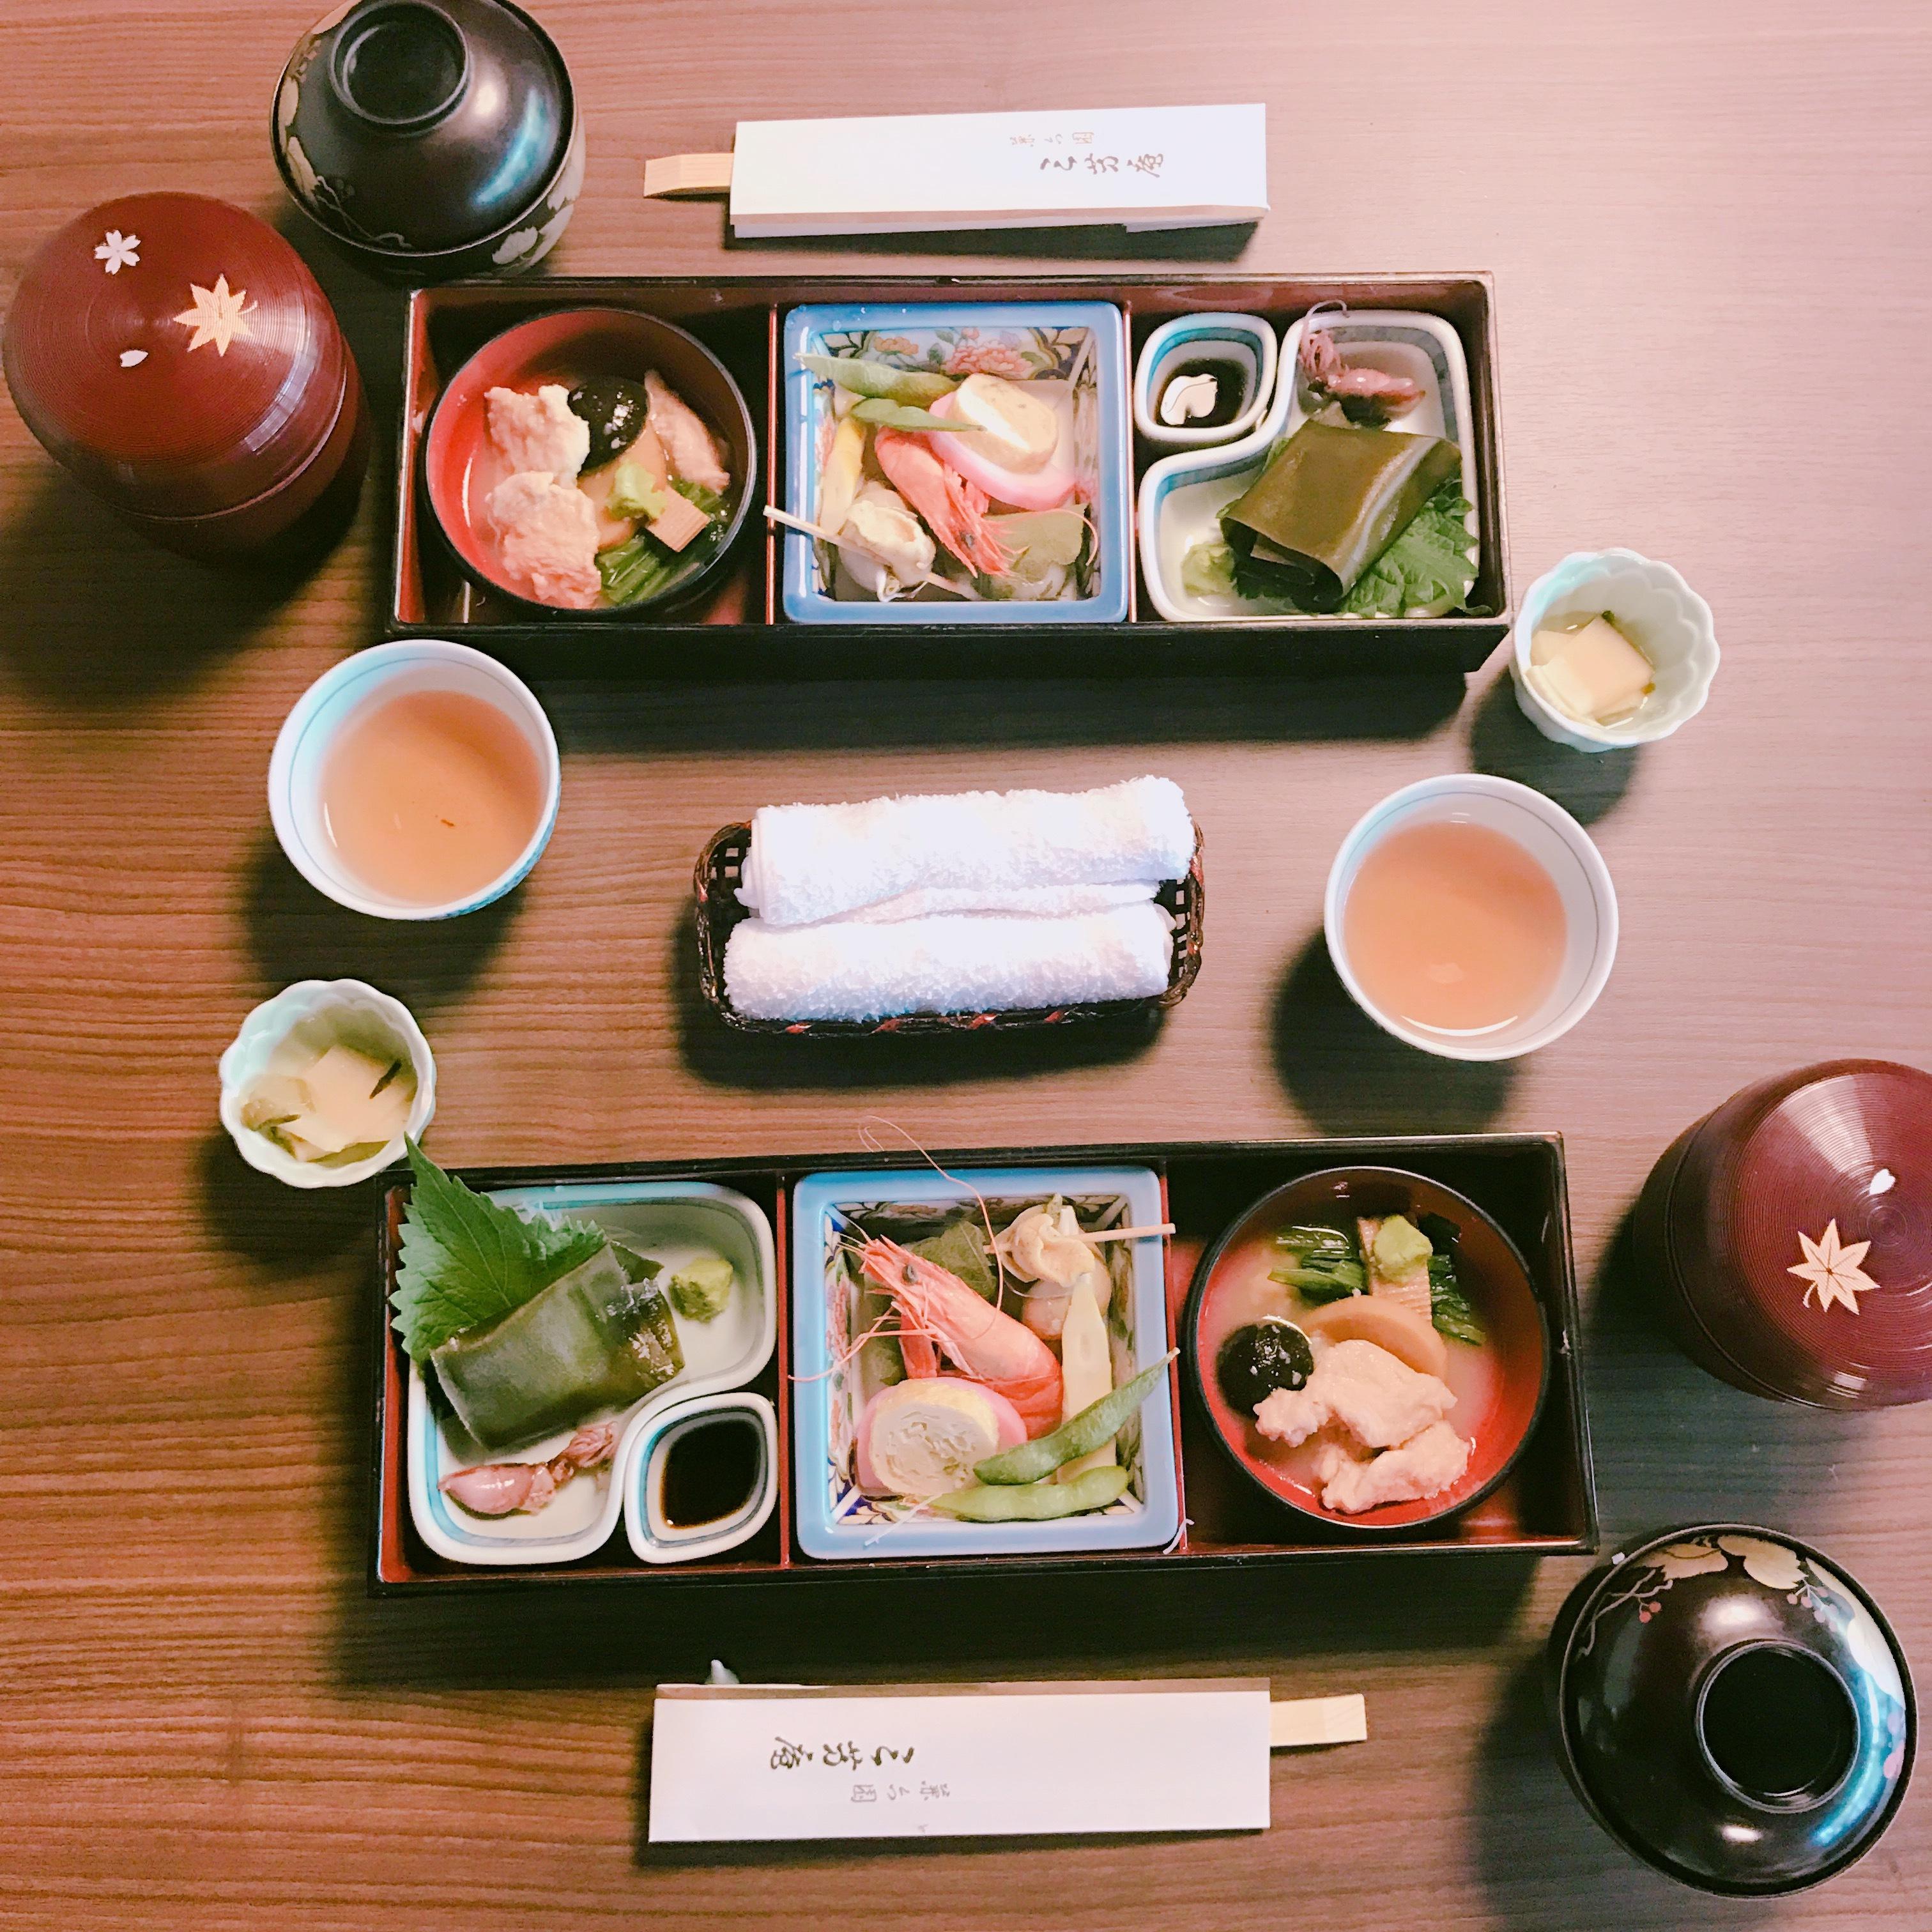 【決定版】日本の趣を感じる《金沢》のおすすめスポット4選_1_4